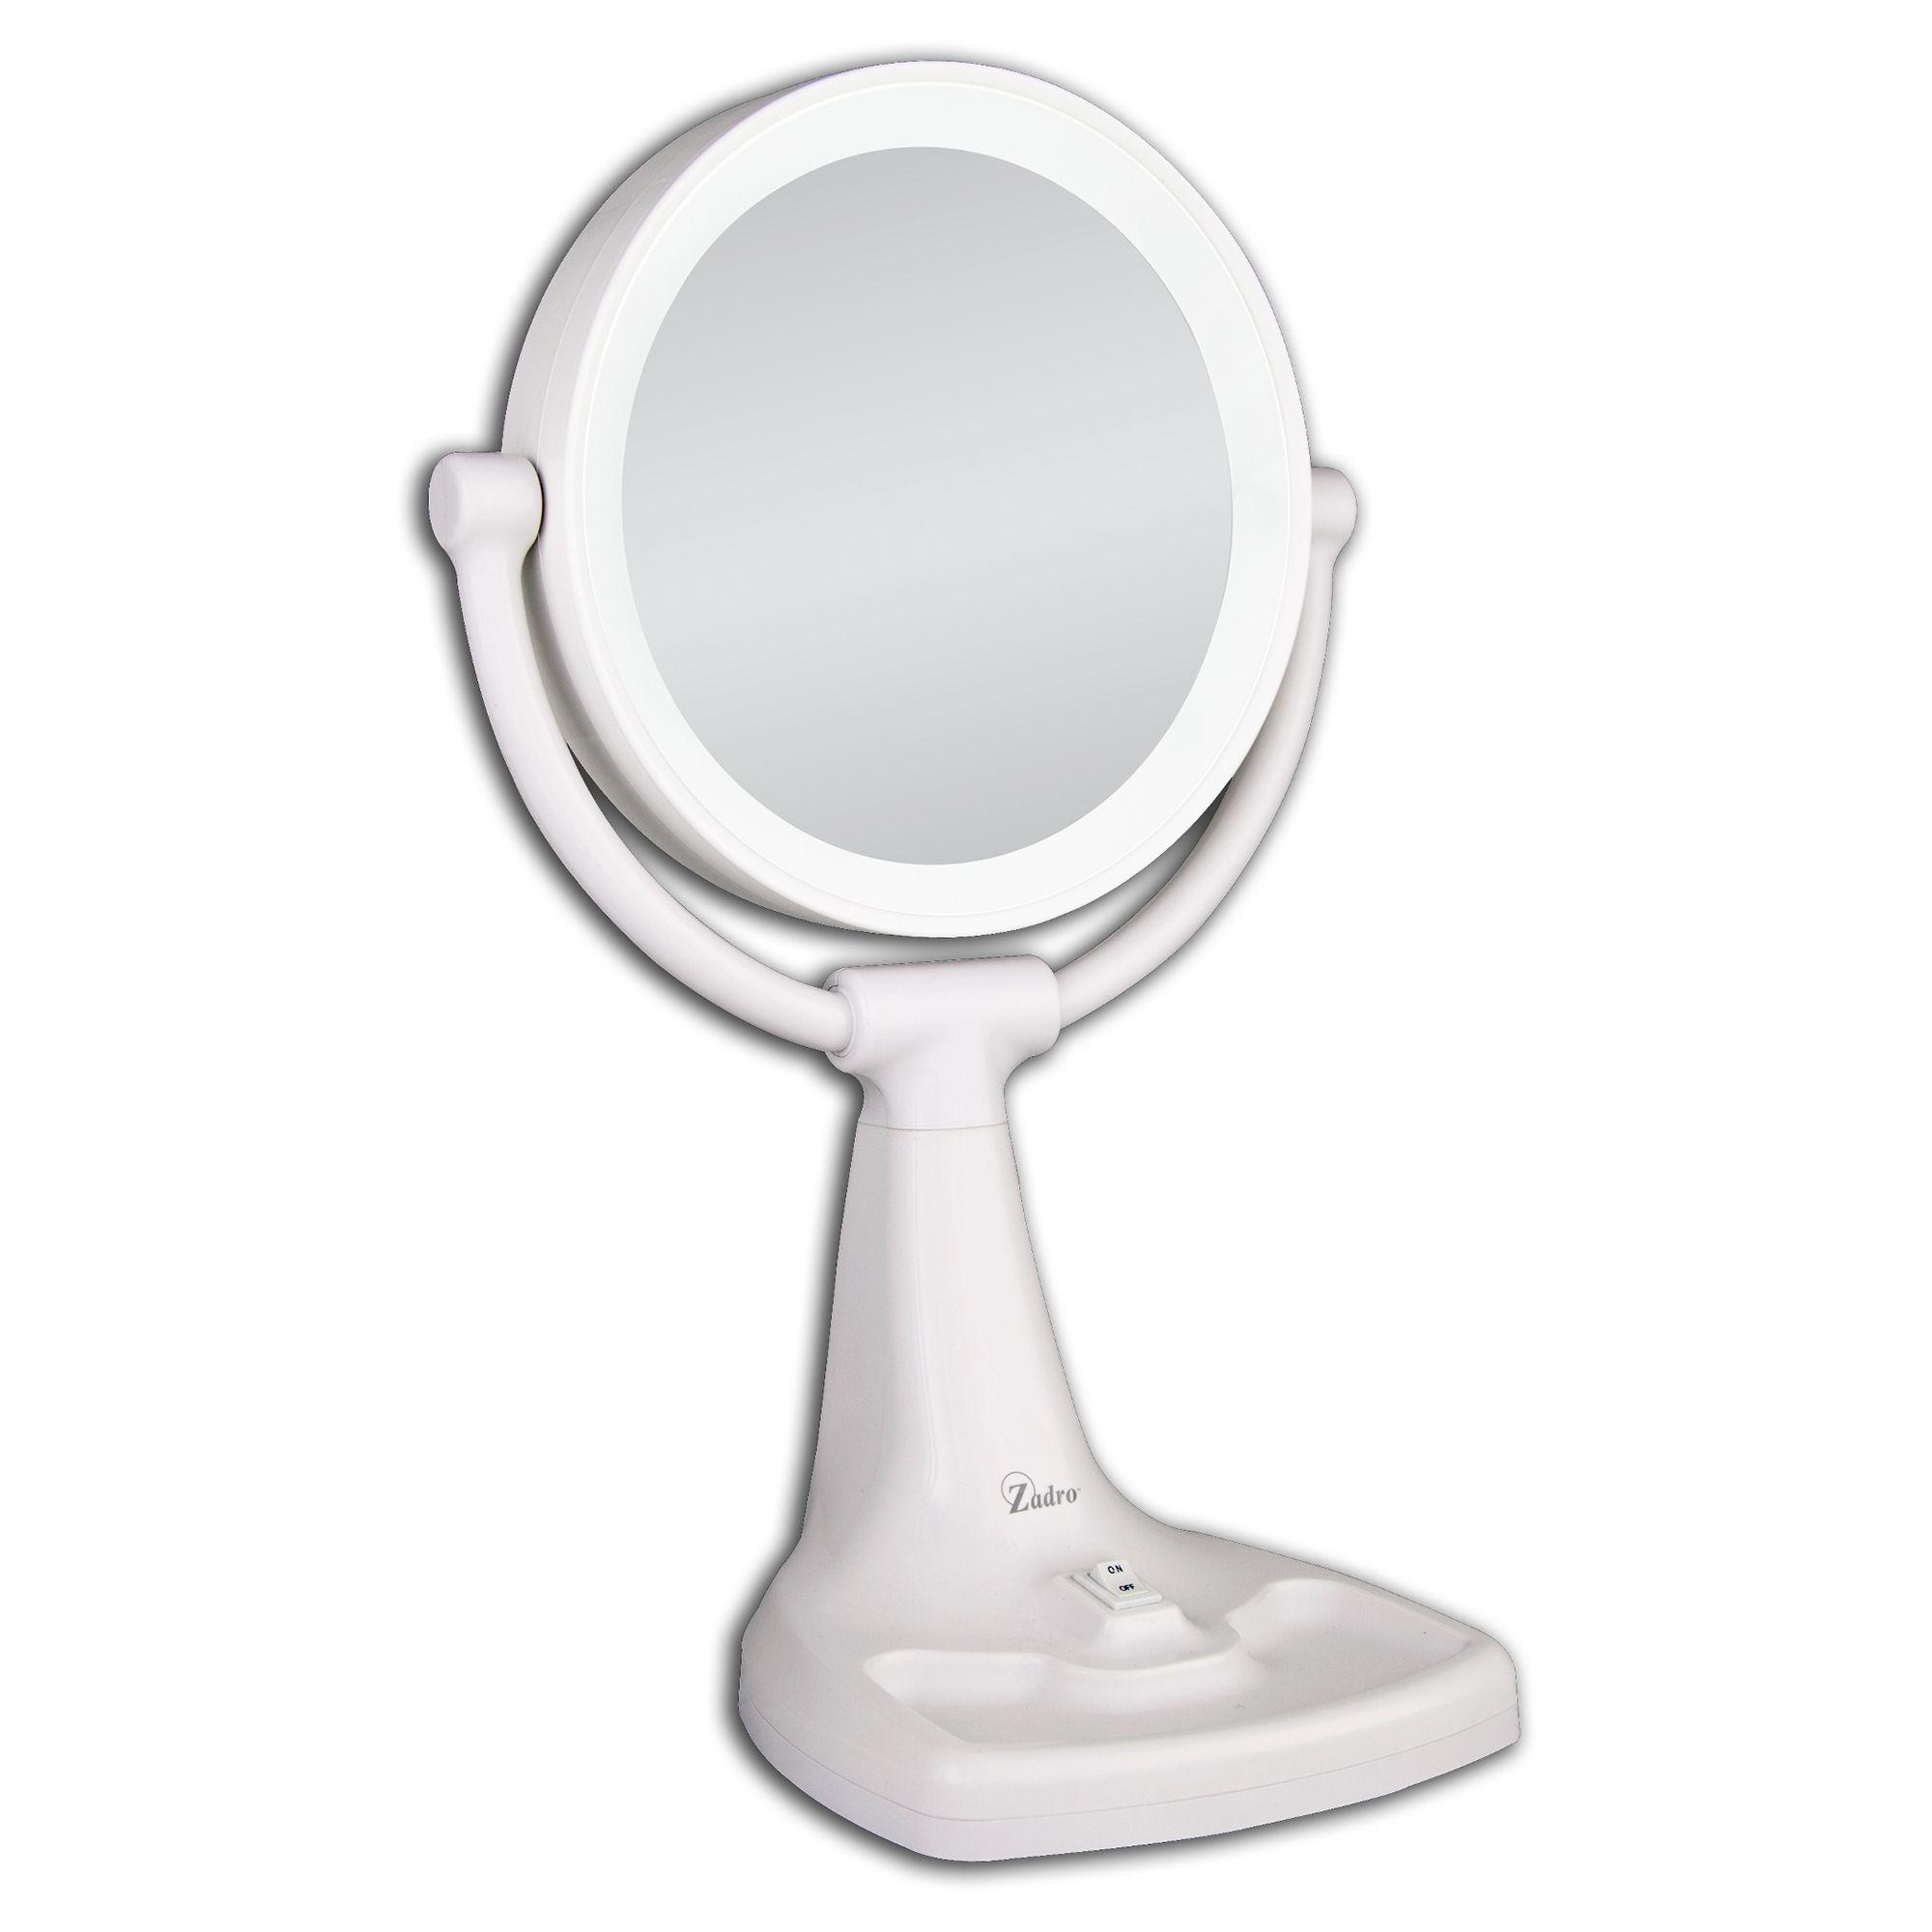 20 Watt Light Bulb For Makeup Mirror Saubhaya Makeup